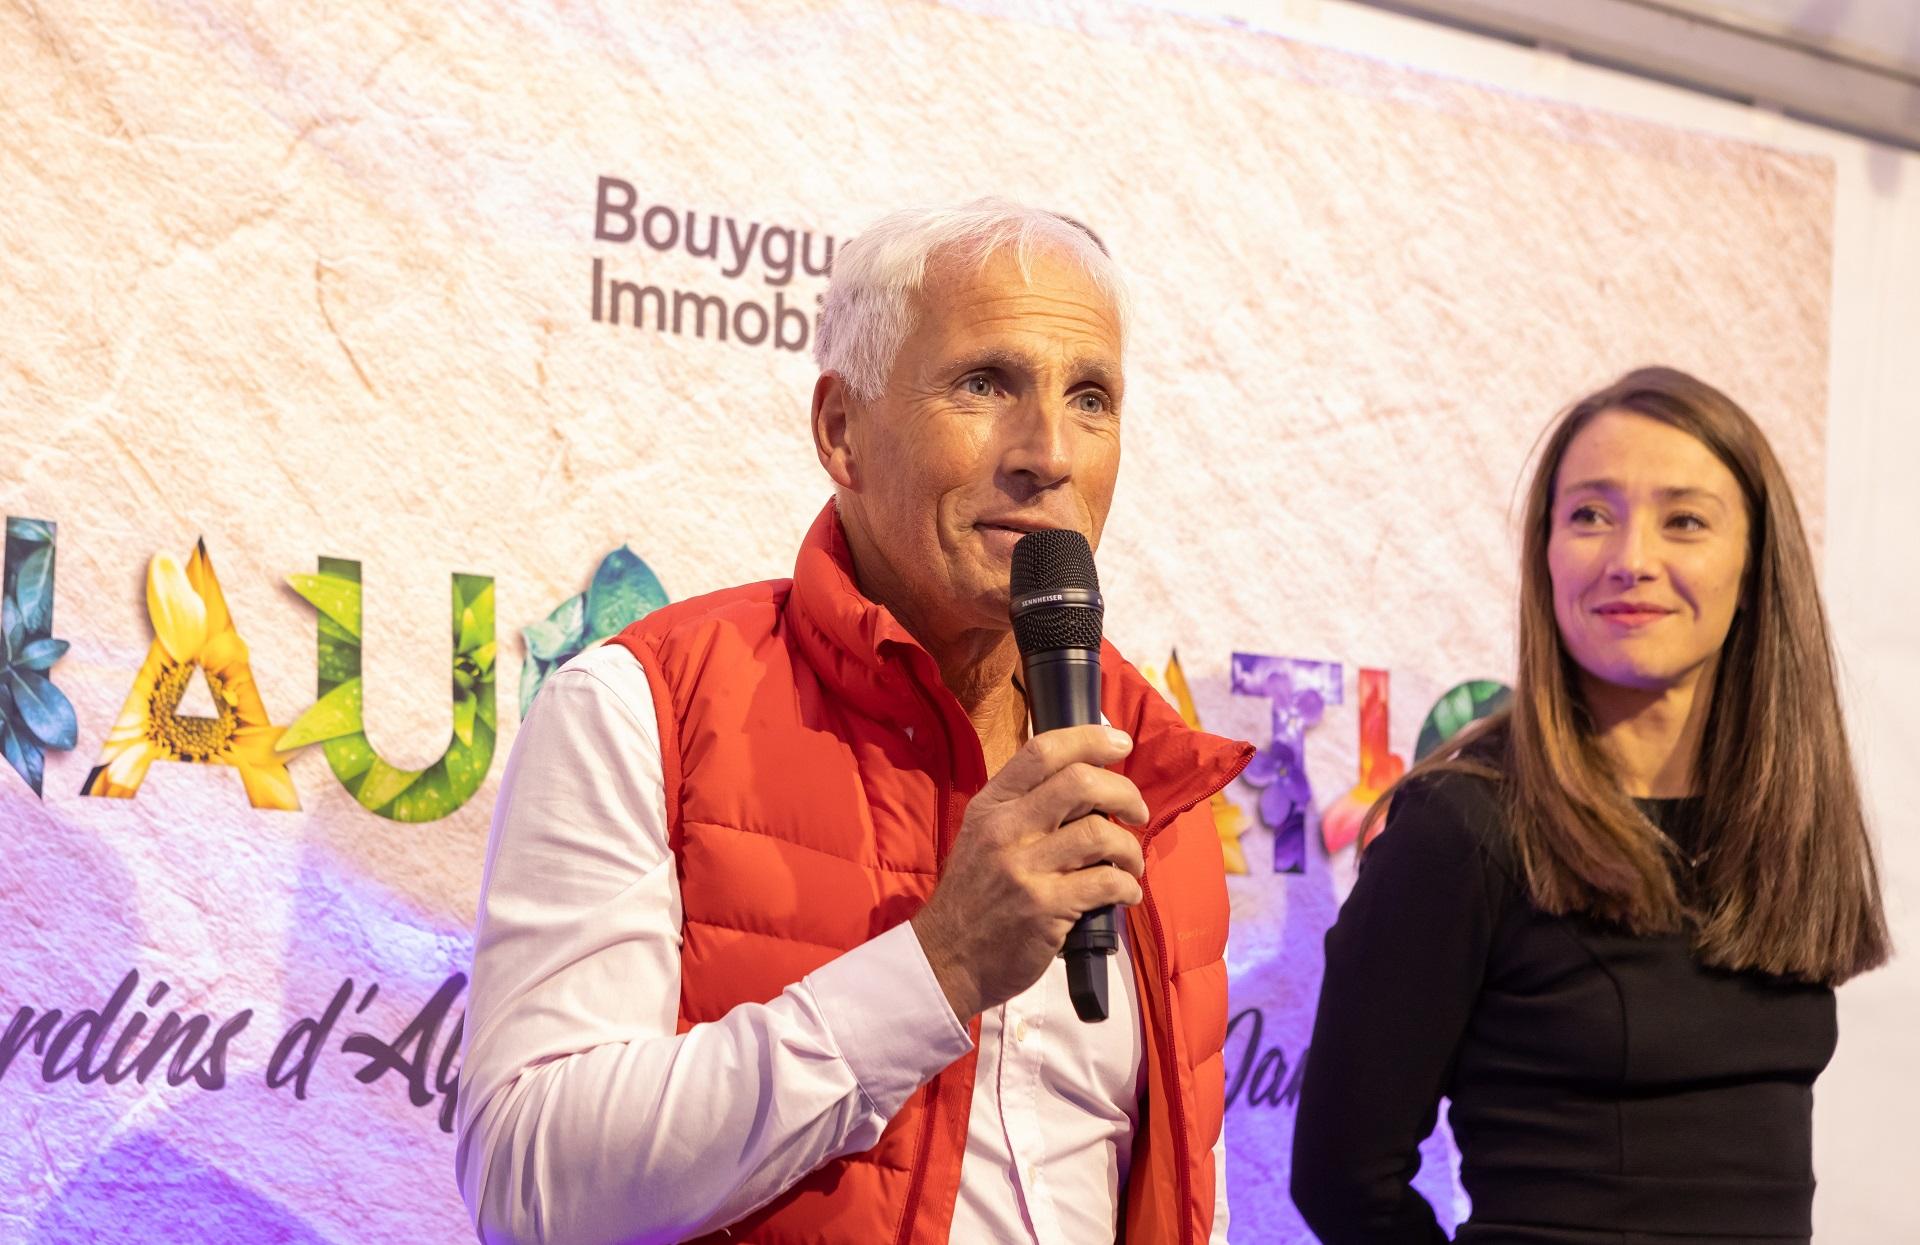 Moment de prise de parole par un résident lors de l'inauguration de la résidence Bouygues Immobilier